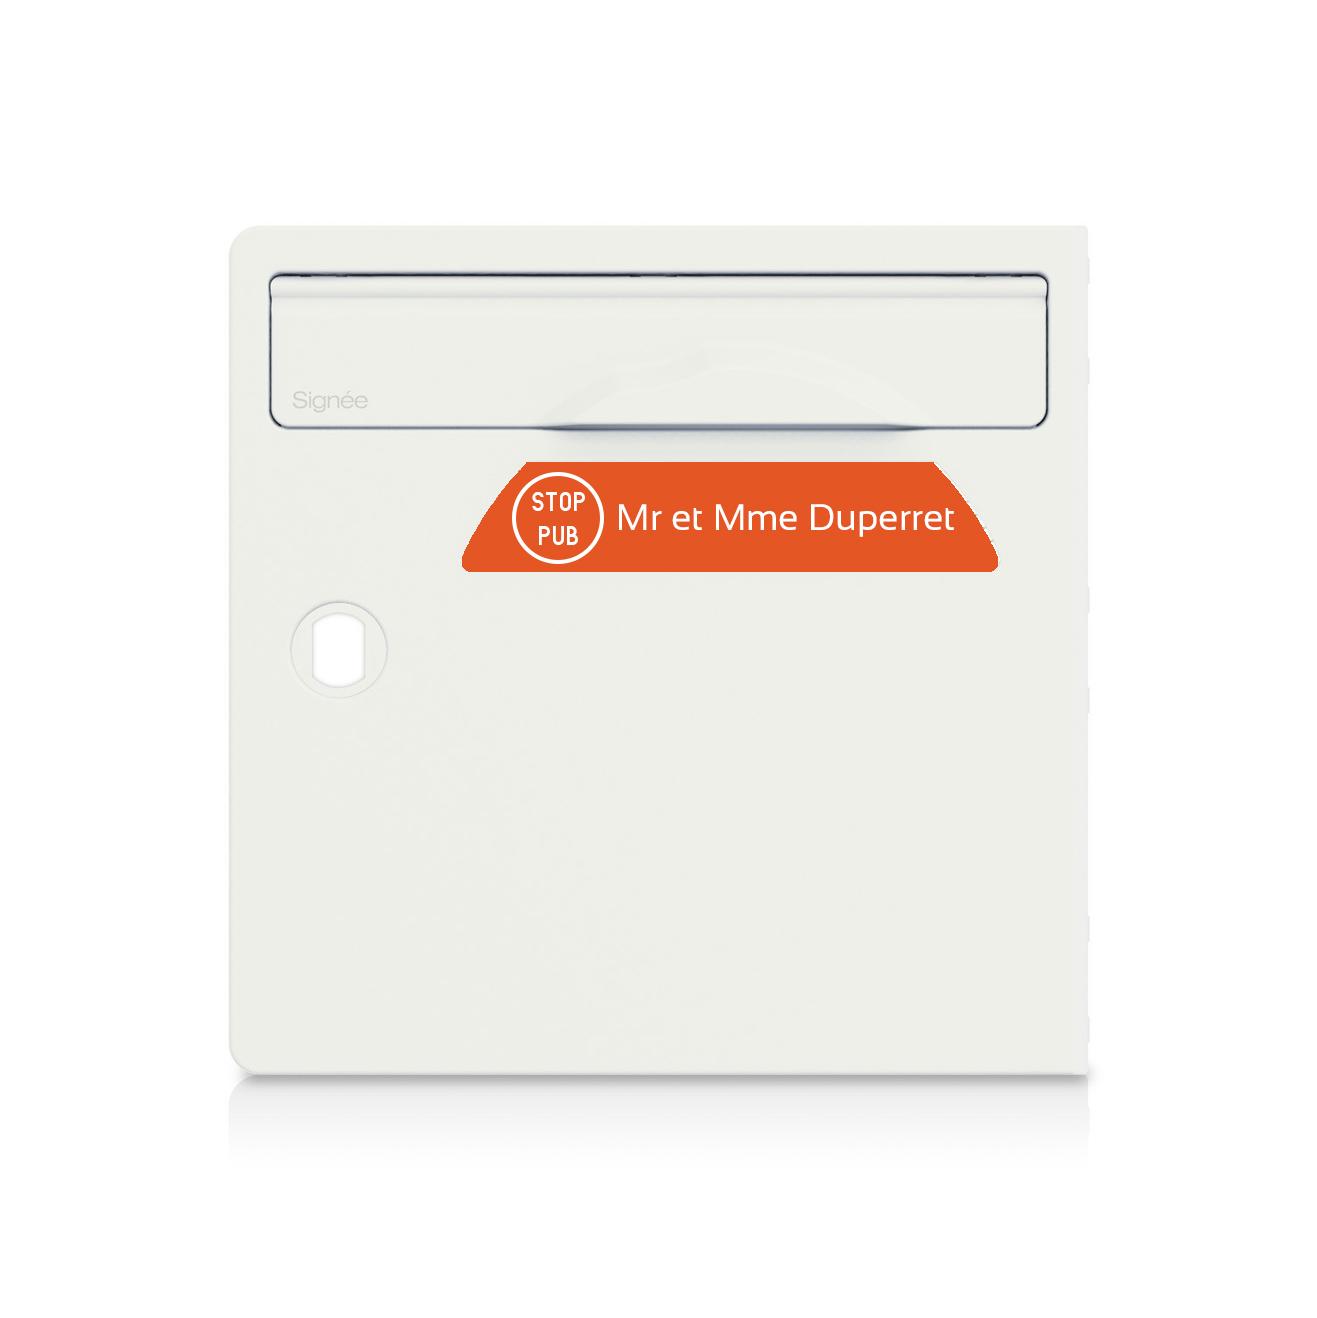 Plaque boite aux lettres Signée STOP PUB orange lettres blanches - 1 ligne